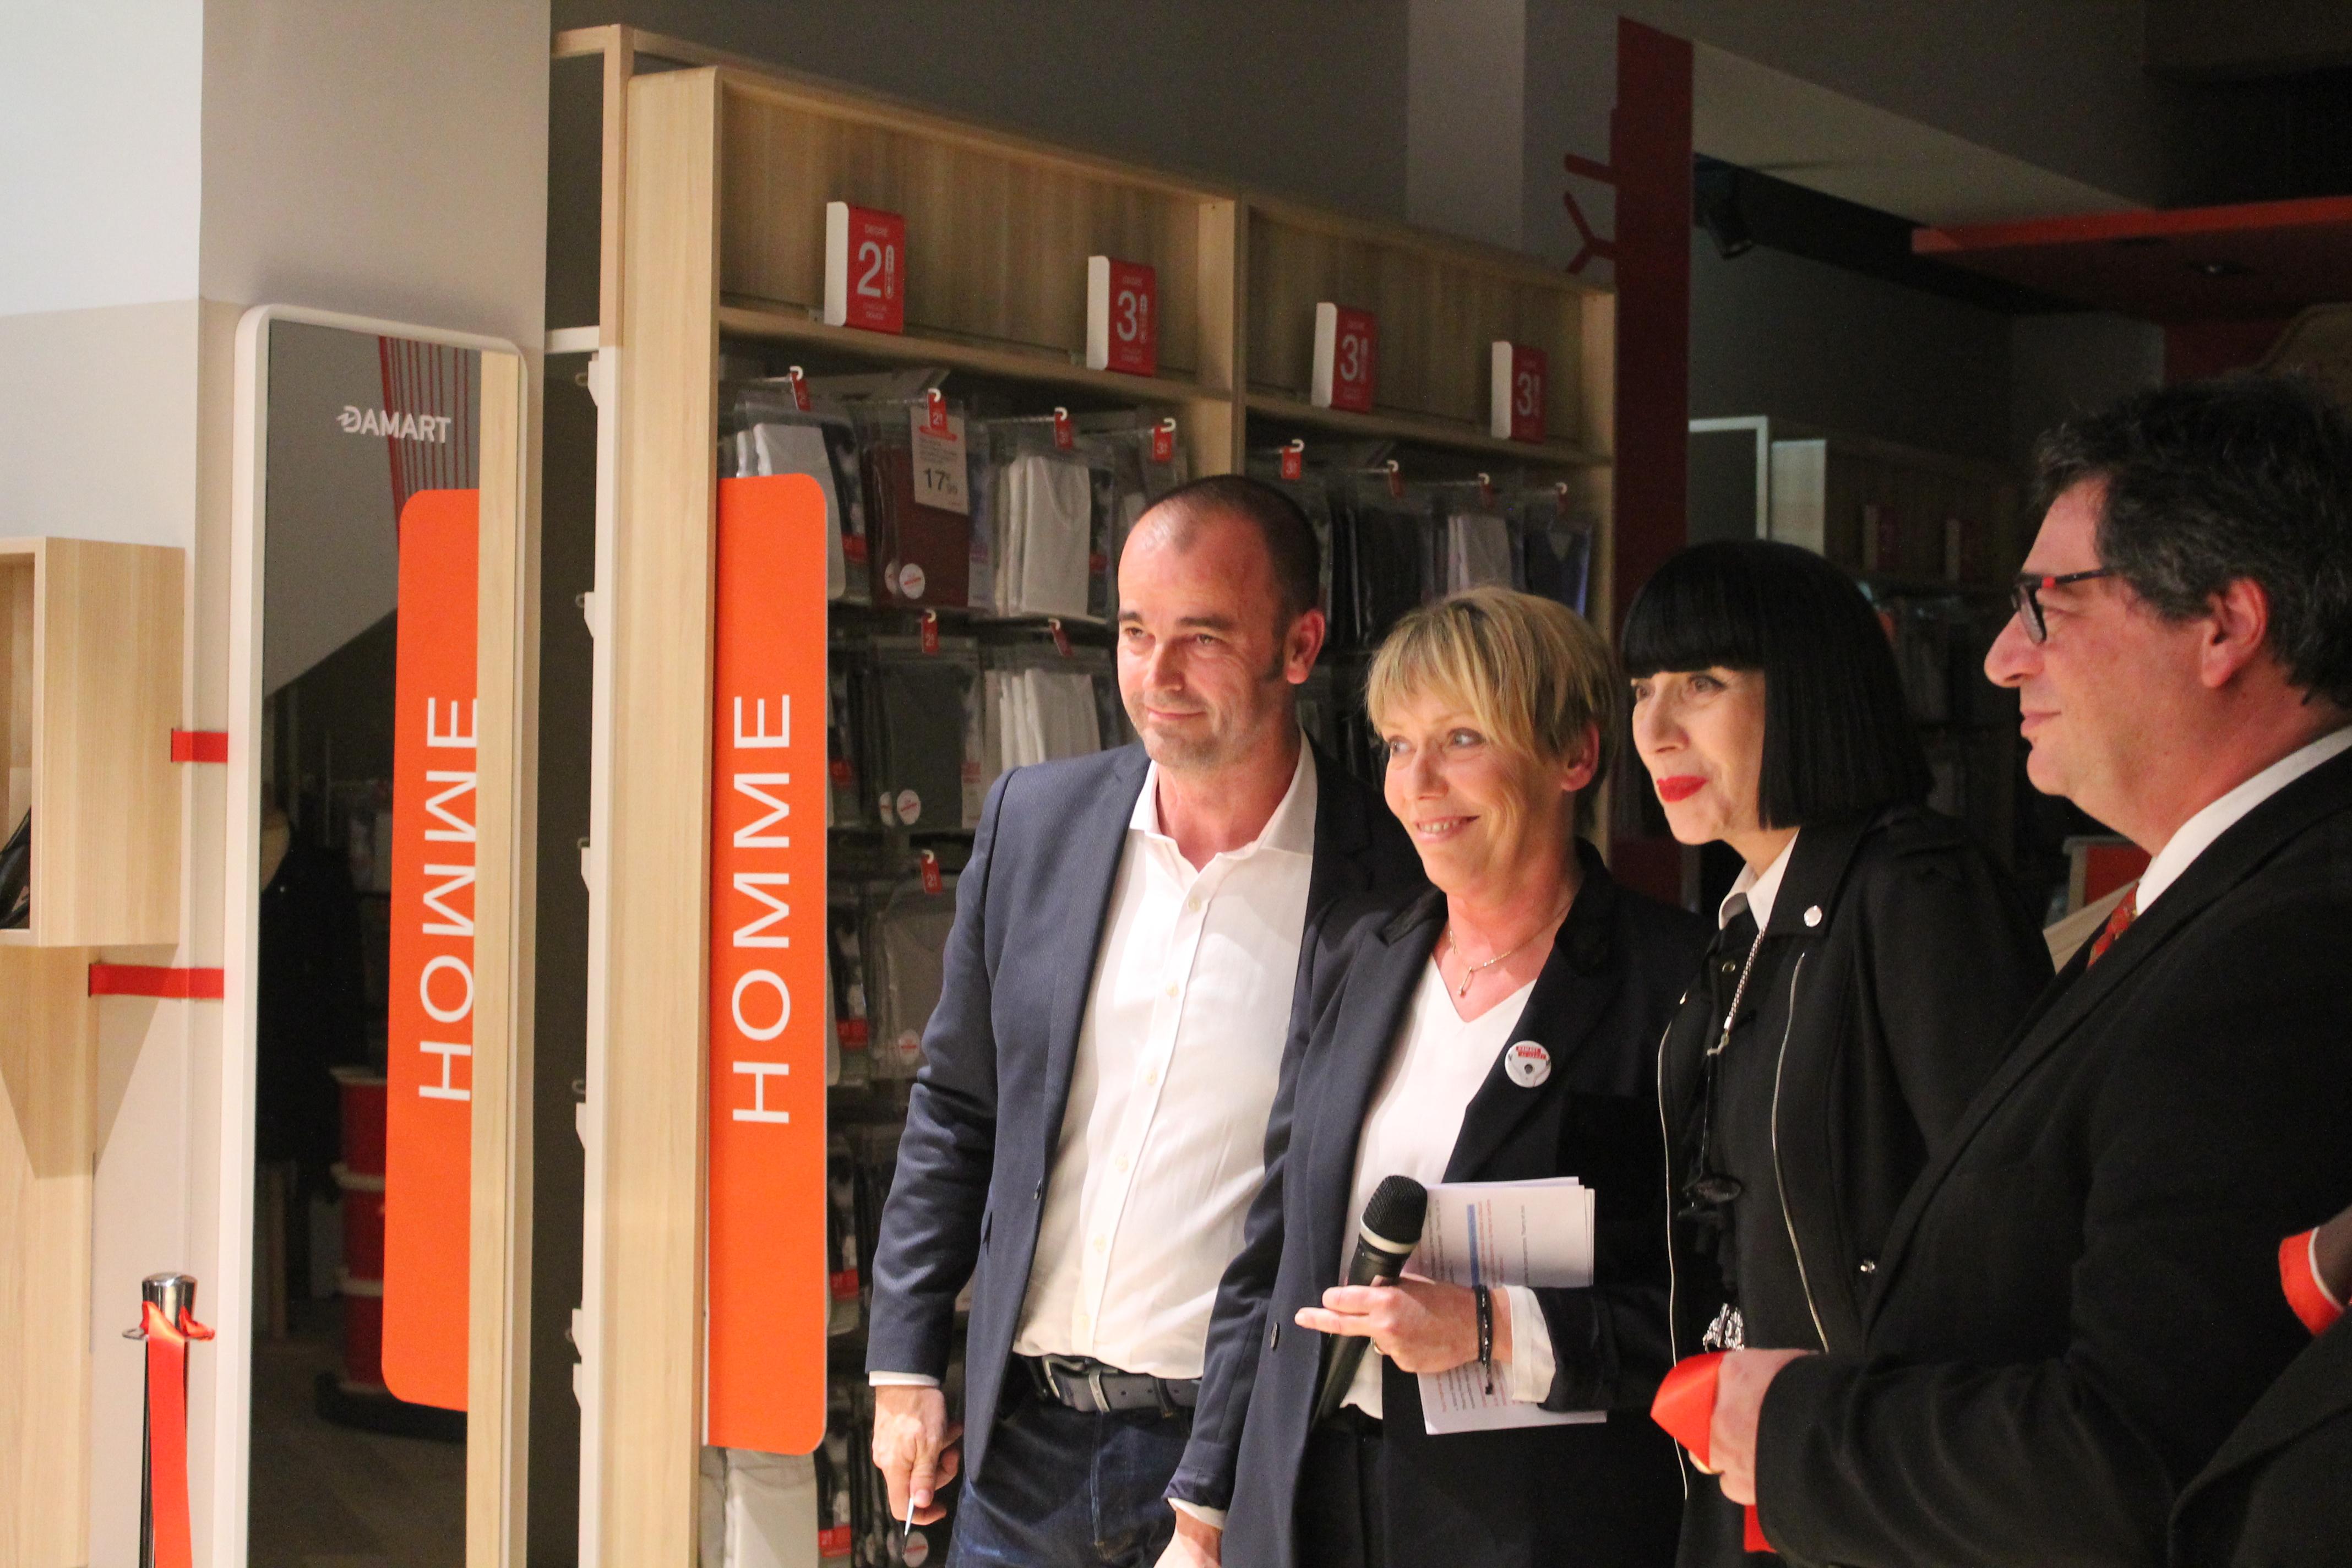 damart lance son premier concept store lille la gazette nord pas de calais. Black Bedroom Furniture Sets. Home Design Ideas